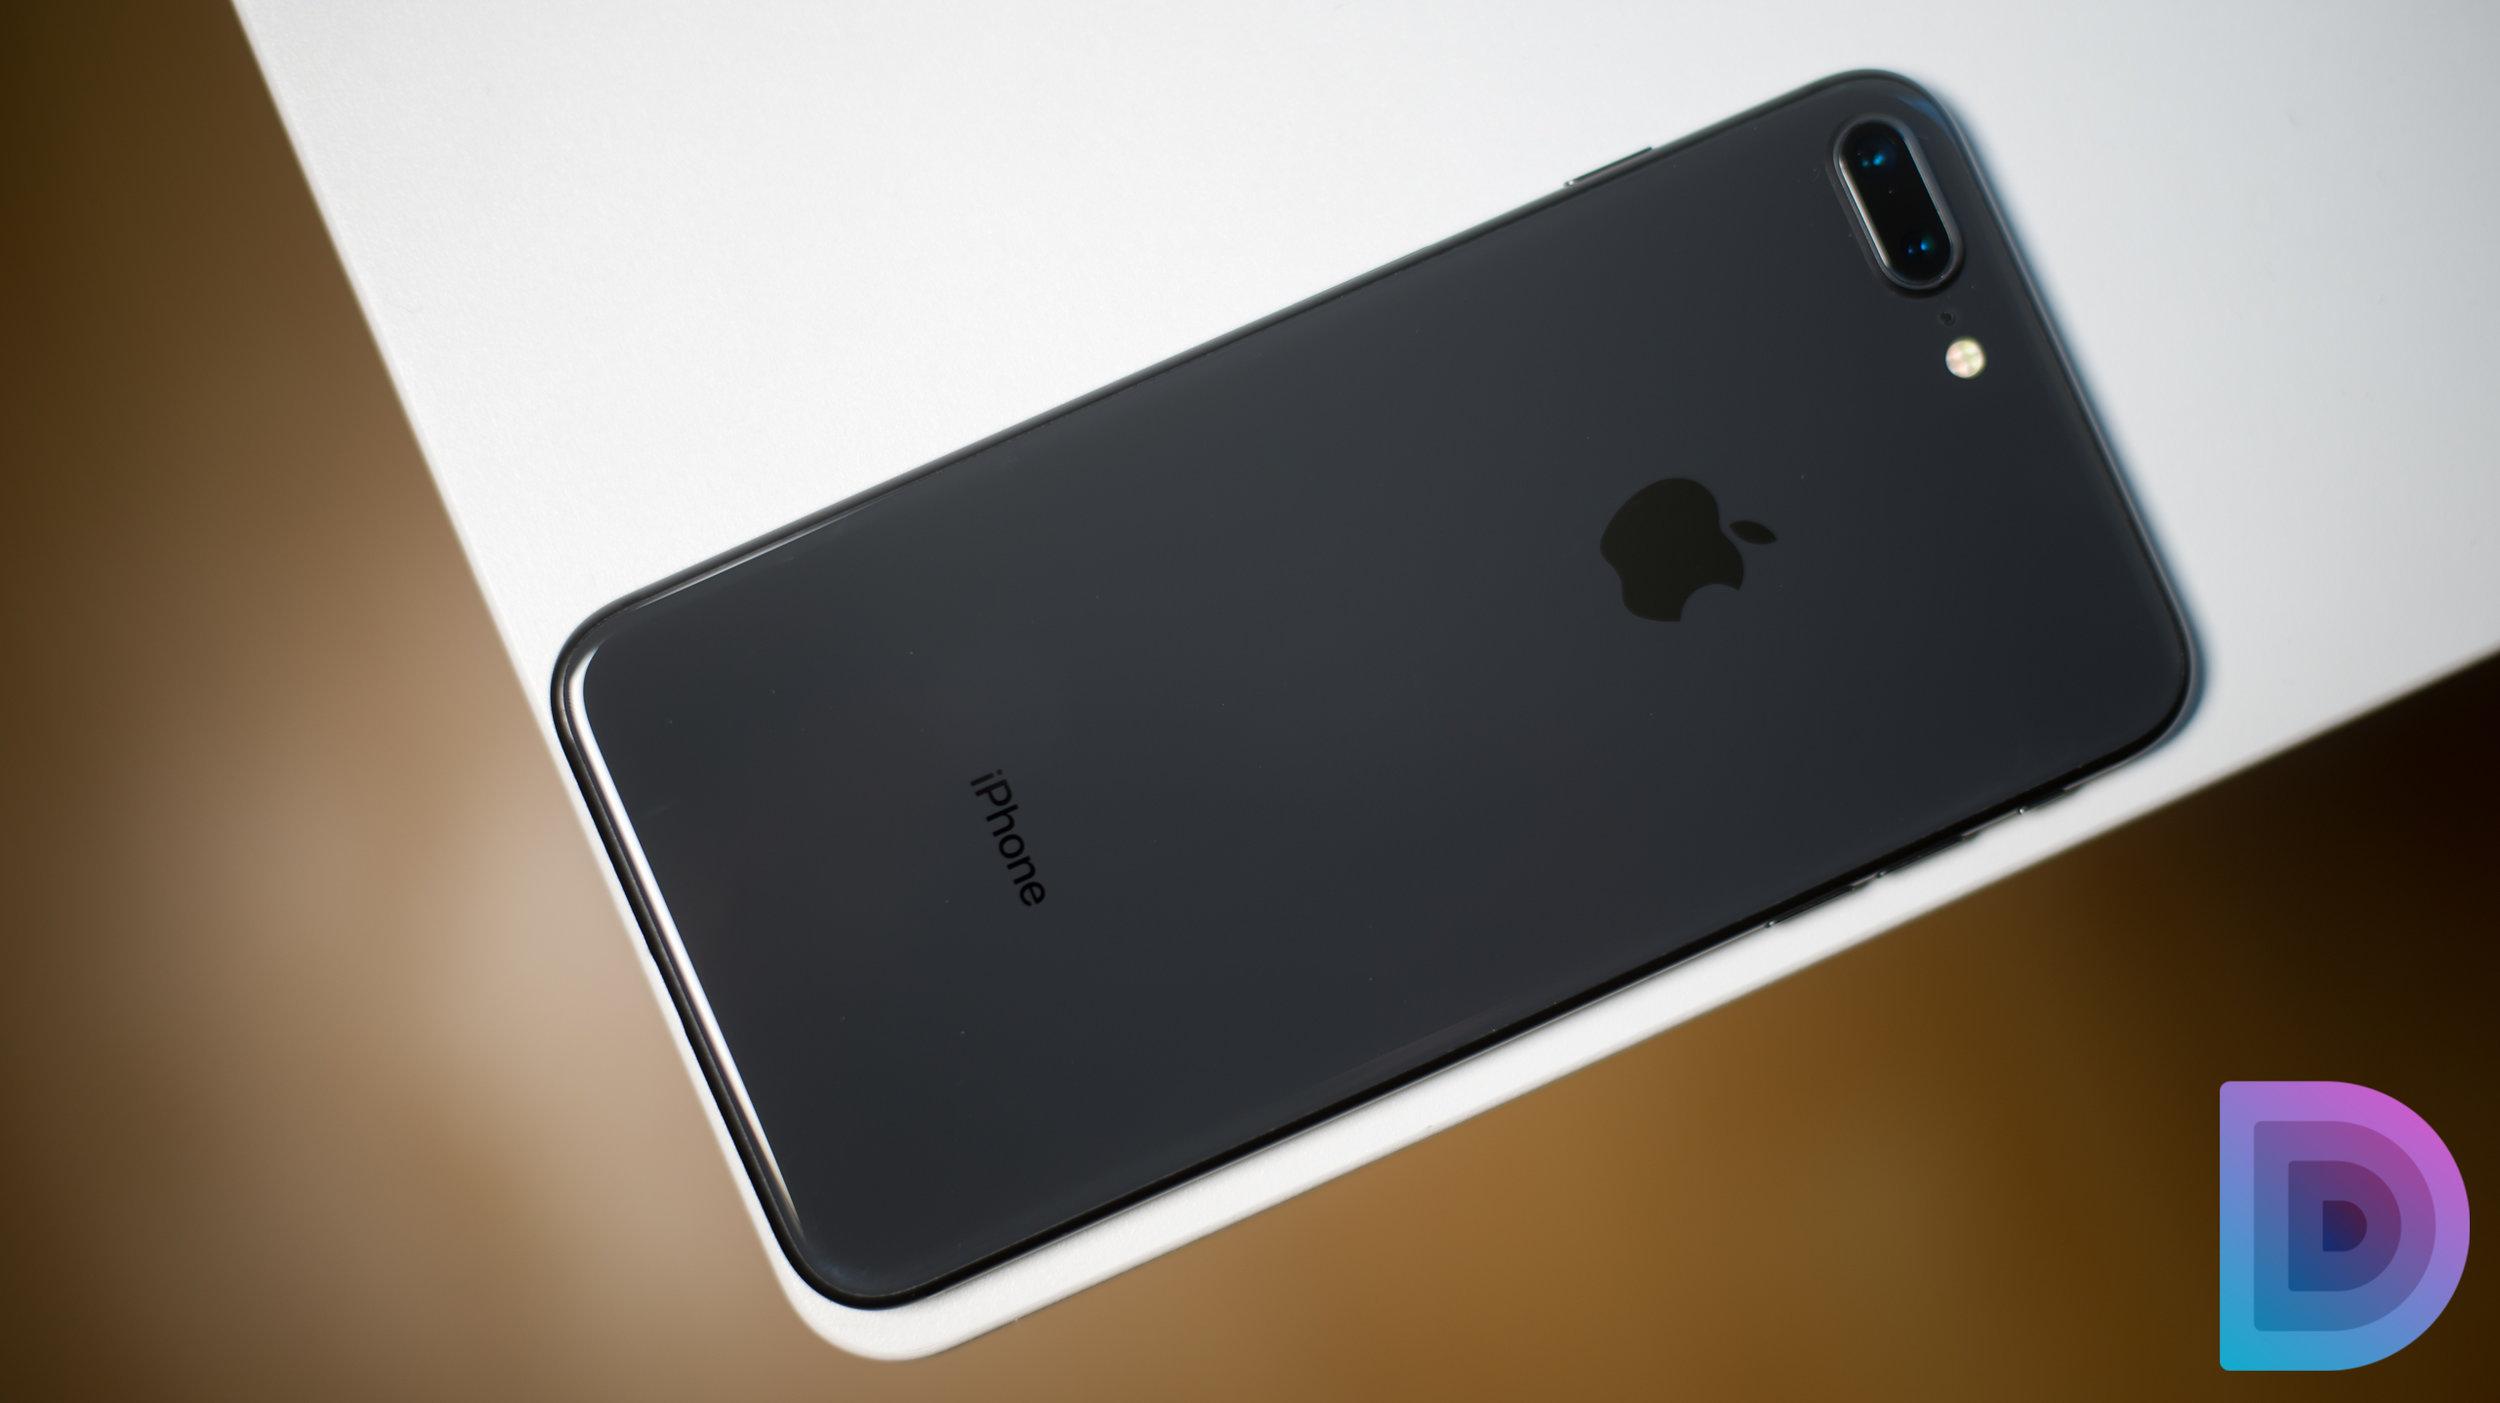 iPhone-8-Plus-1.JPG